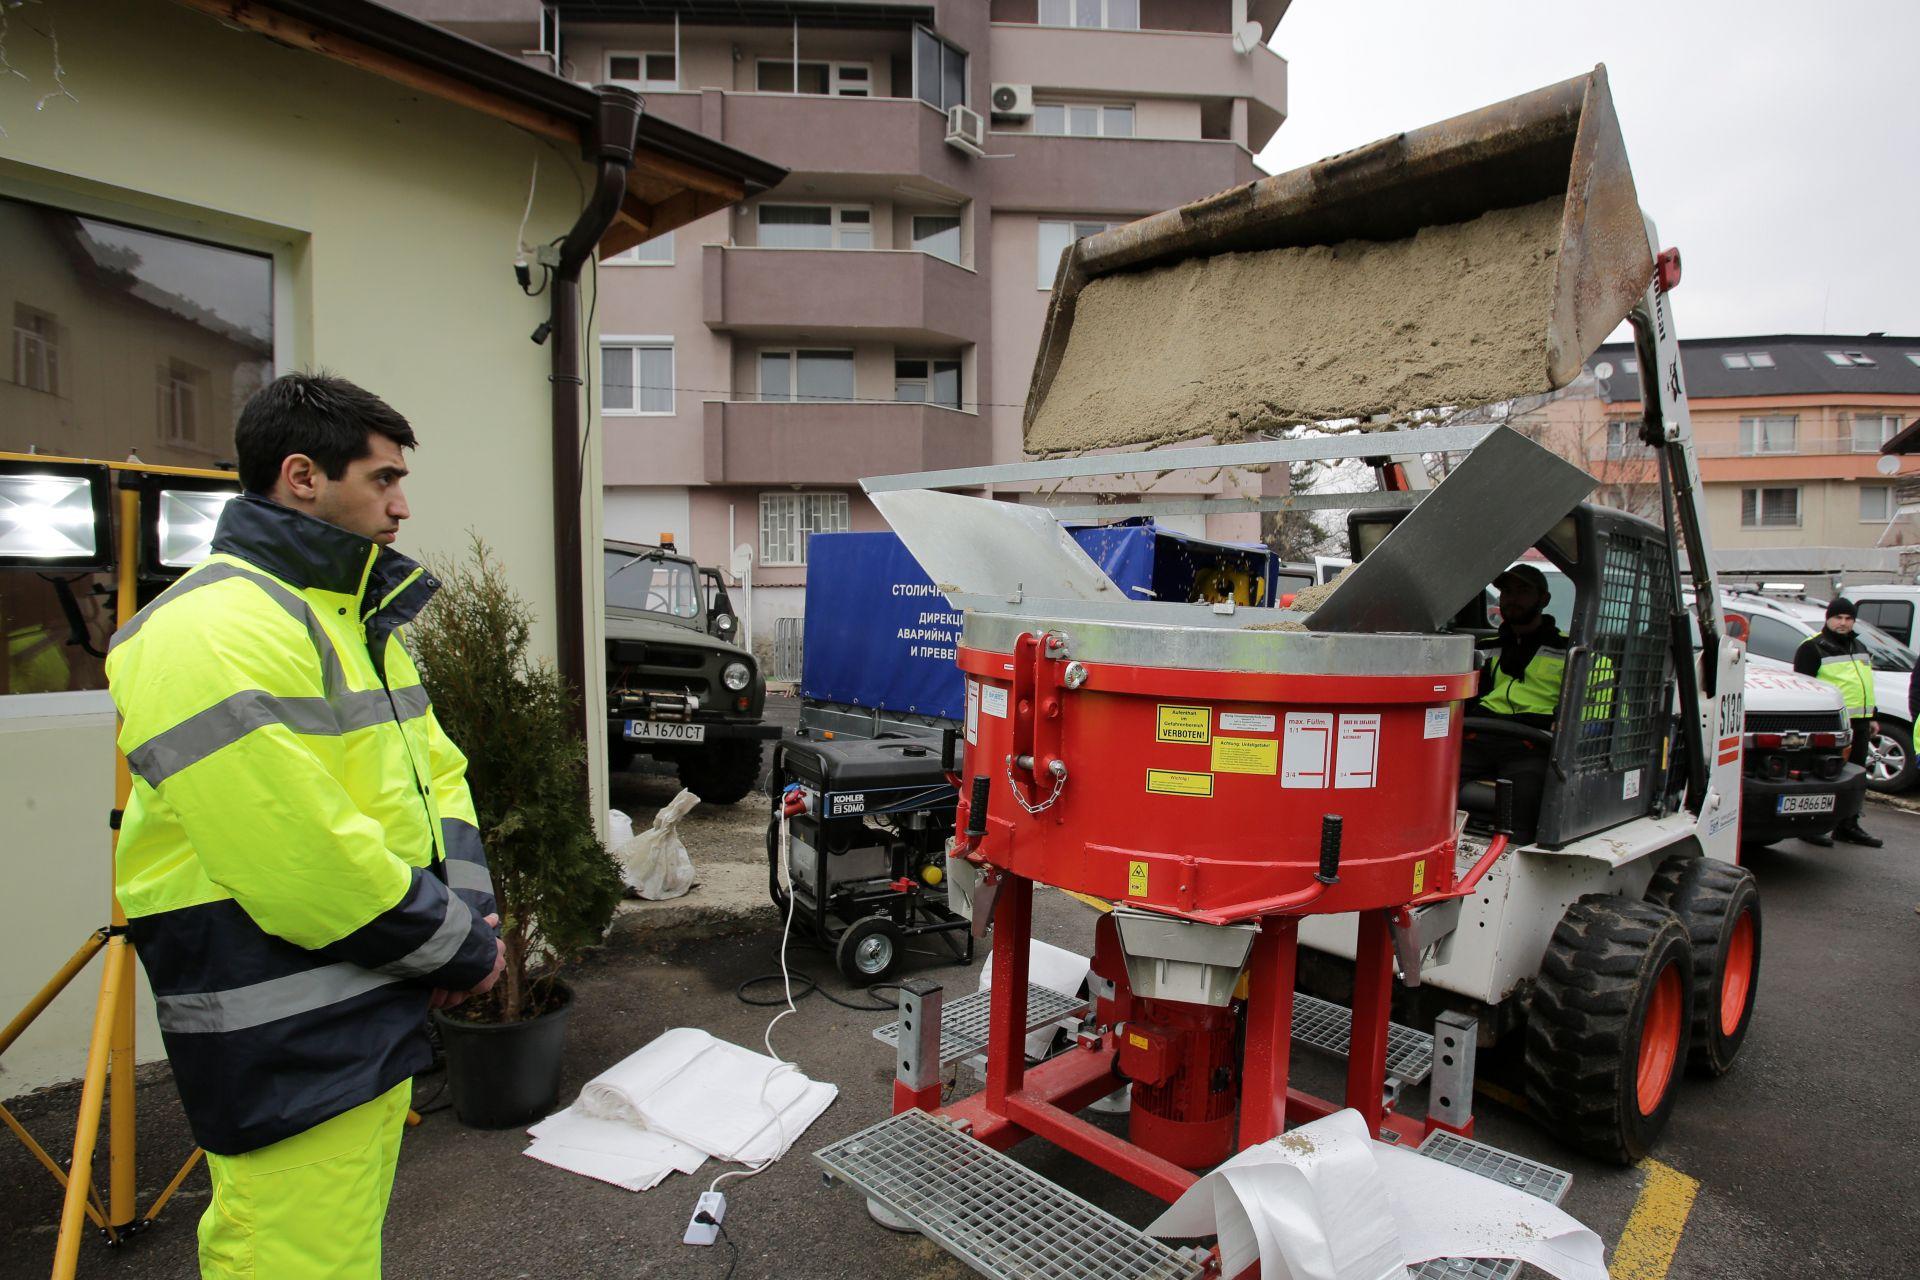 """Столичният кмет Йорданка Фандъкова посети дирекция """"Аварийна помощ и превенция"""", където провери готовността за реакция при повишаване на нивата на реките и язовирите при топенето на снеговете"""